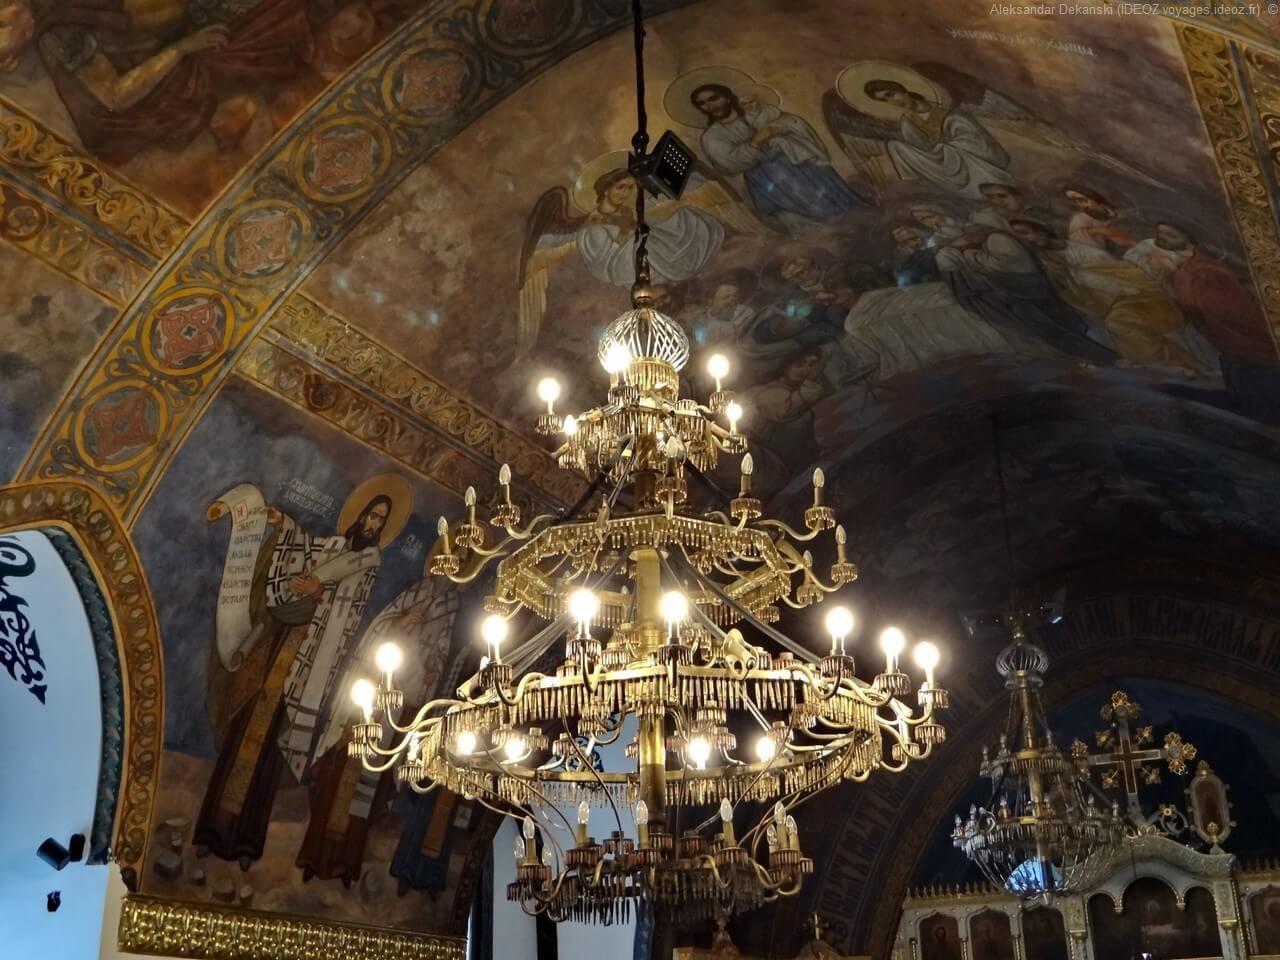 Belgrade église Ruzica Lustre constitué de munitions et d'armes utilisées pendant la 2ème guerre mondiale